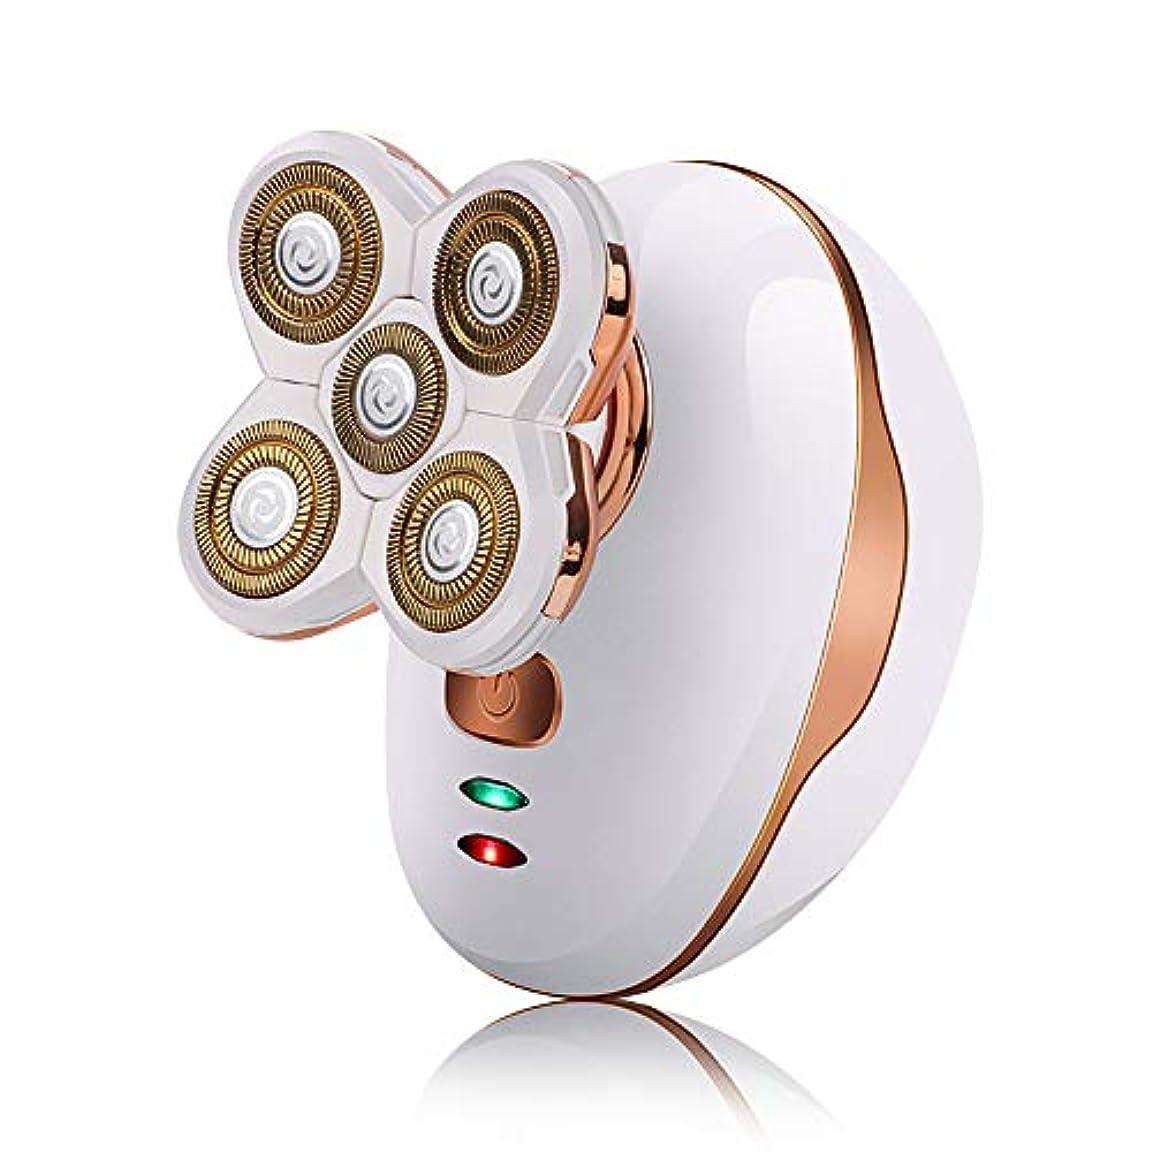 発音ぶら下がる拒否メンズ電気シェーバーかみそり、シェーバー五頭の充電式防水ウォッシュセルフケア光学ヘッドシェービングナイフのUSB充電,白